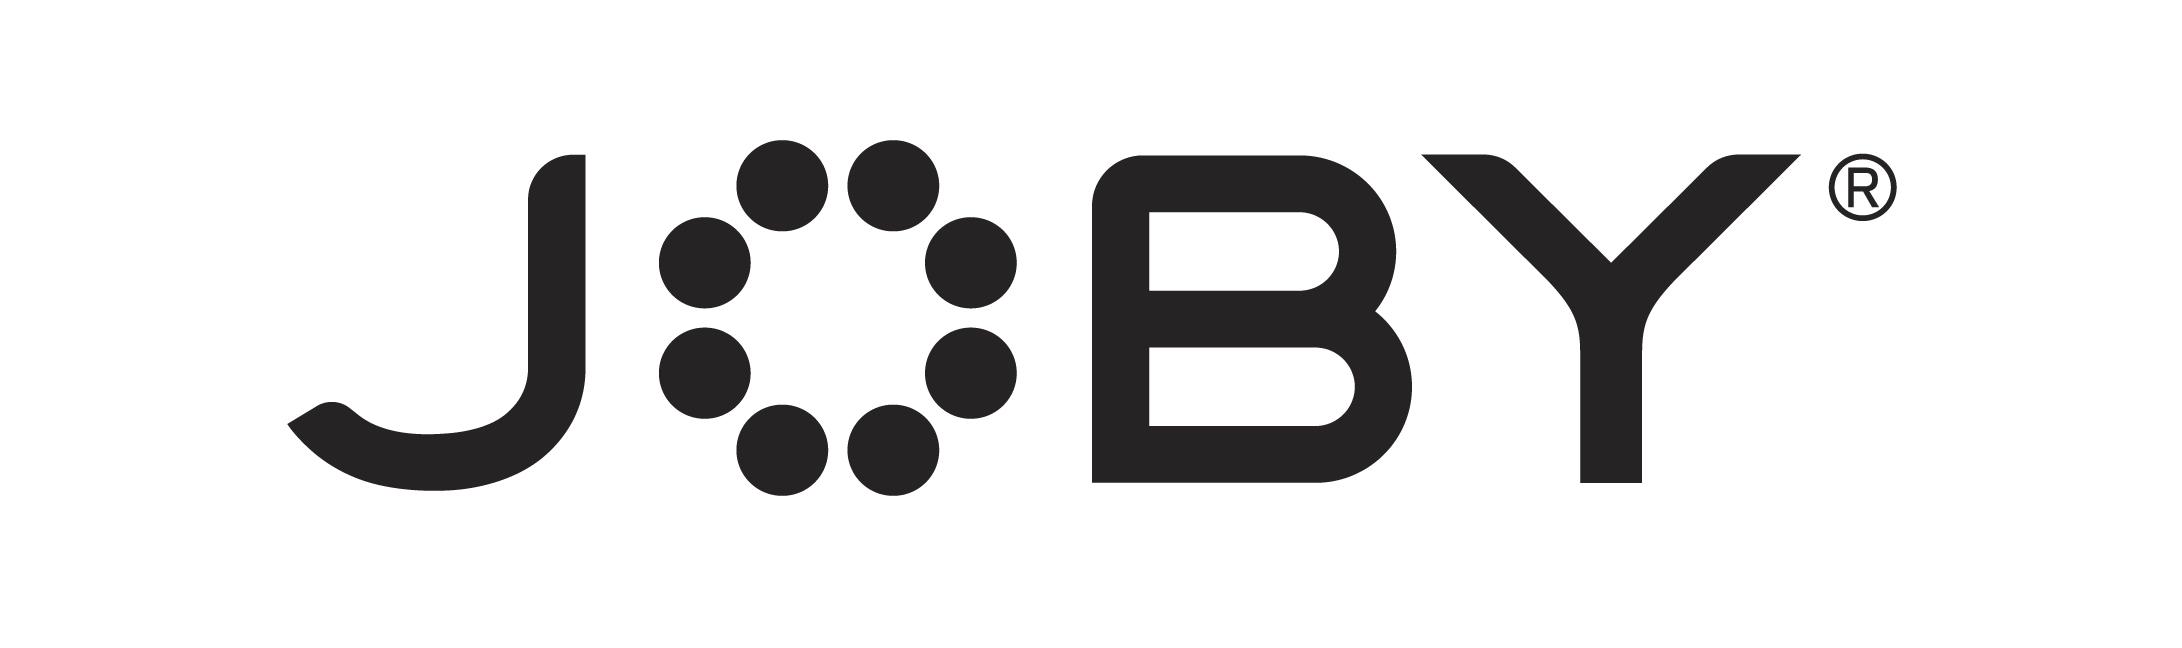 joby-vector-logos1.jpg